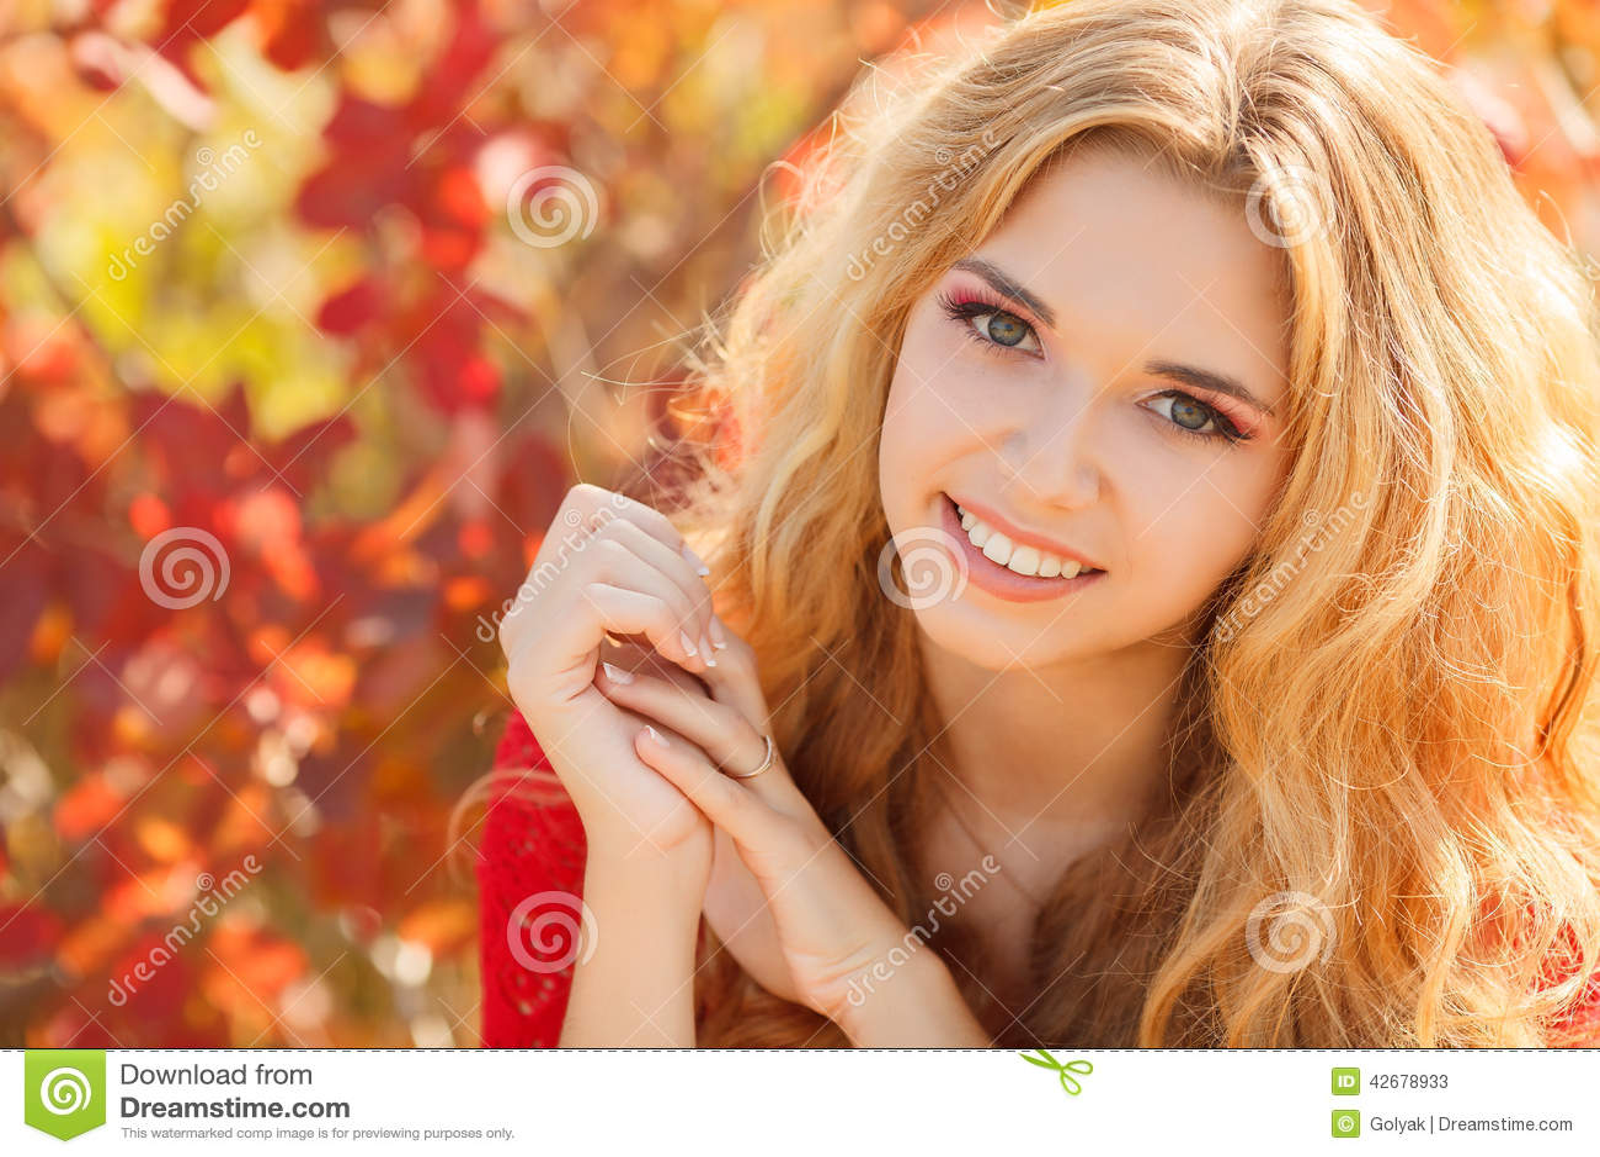 Πορτρέτο της όμορφης νέας γυναίκας στο πάρκο φθινοπώρου